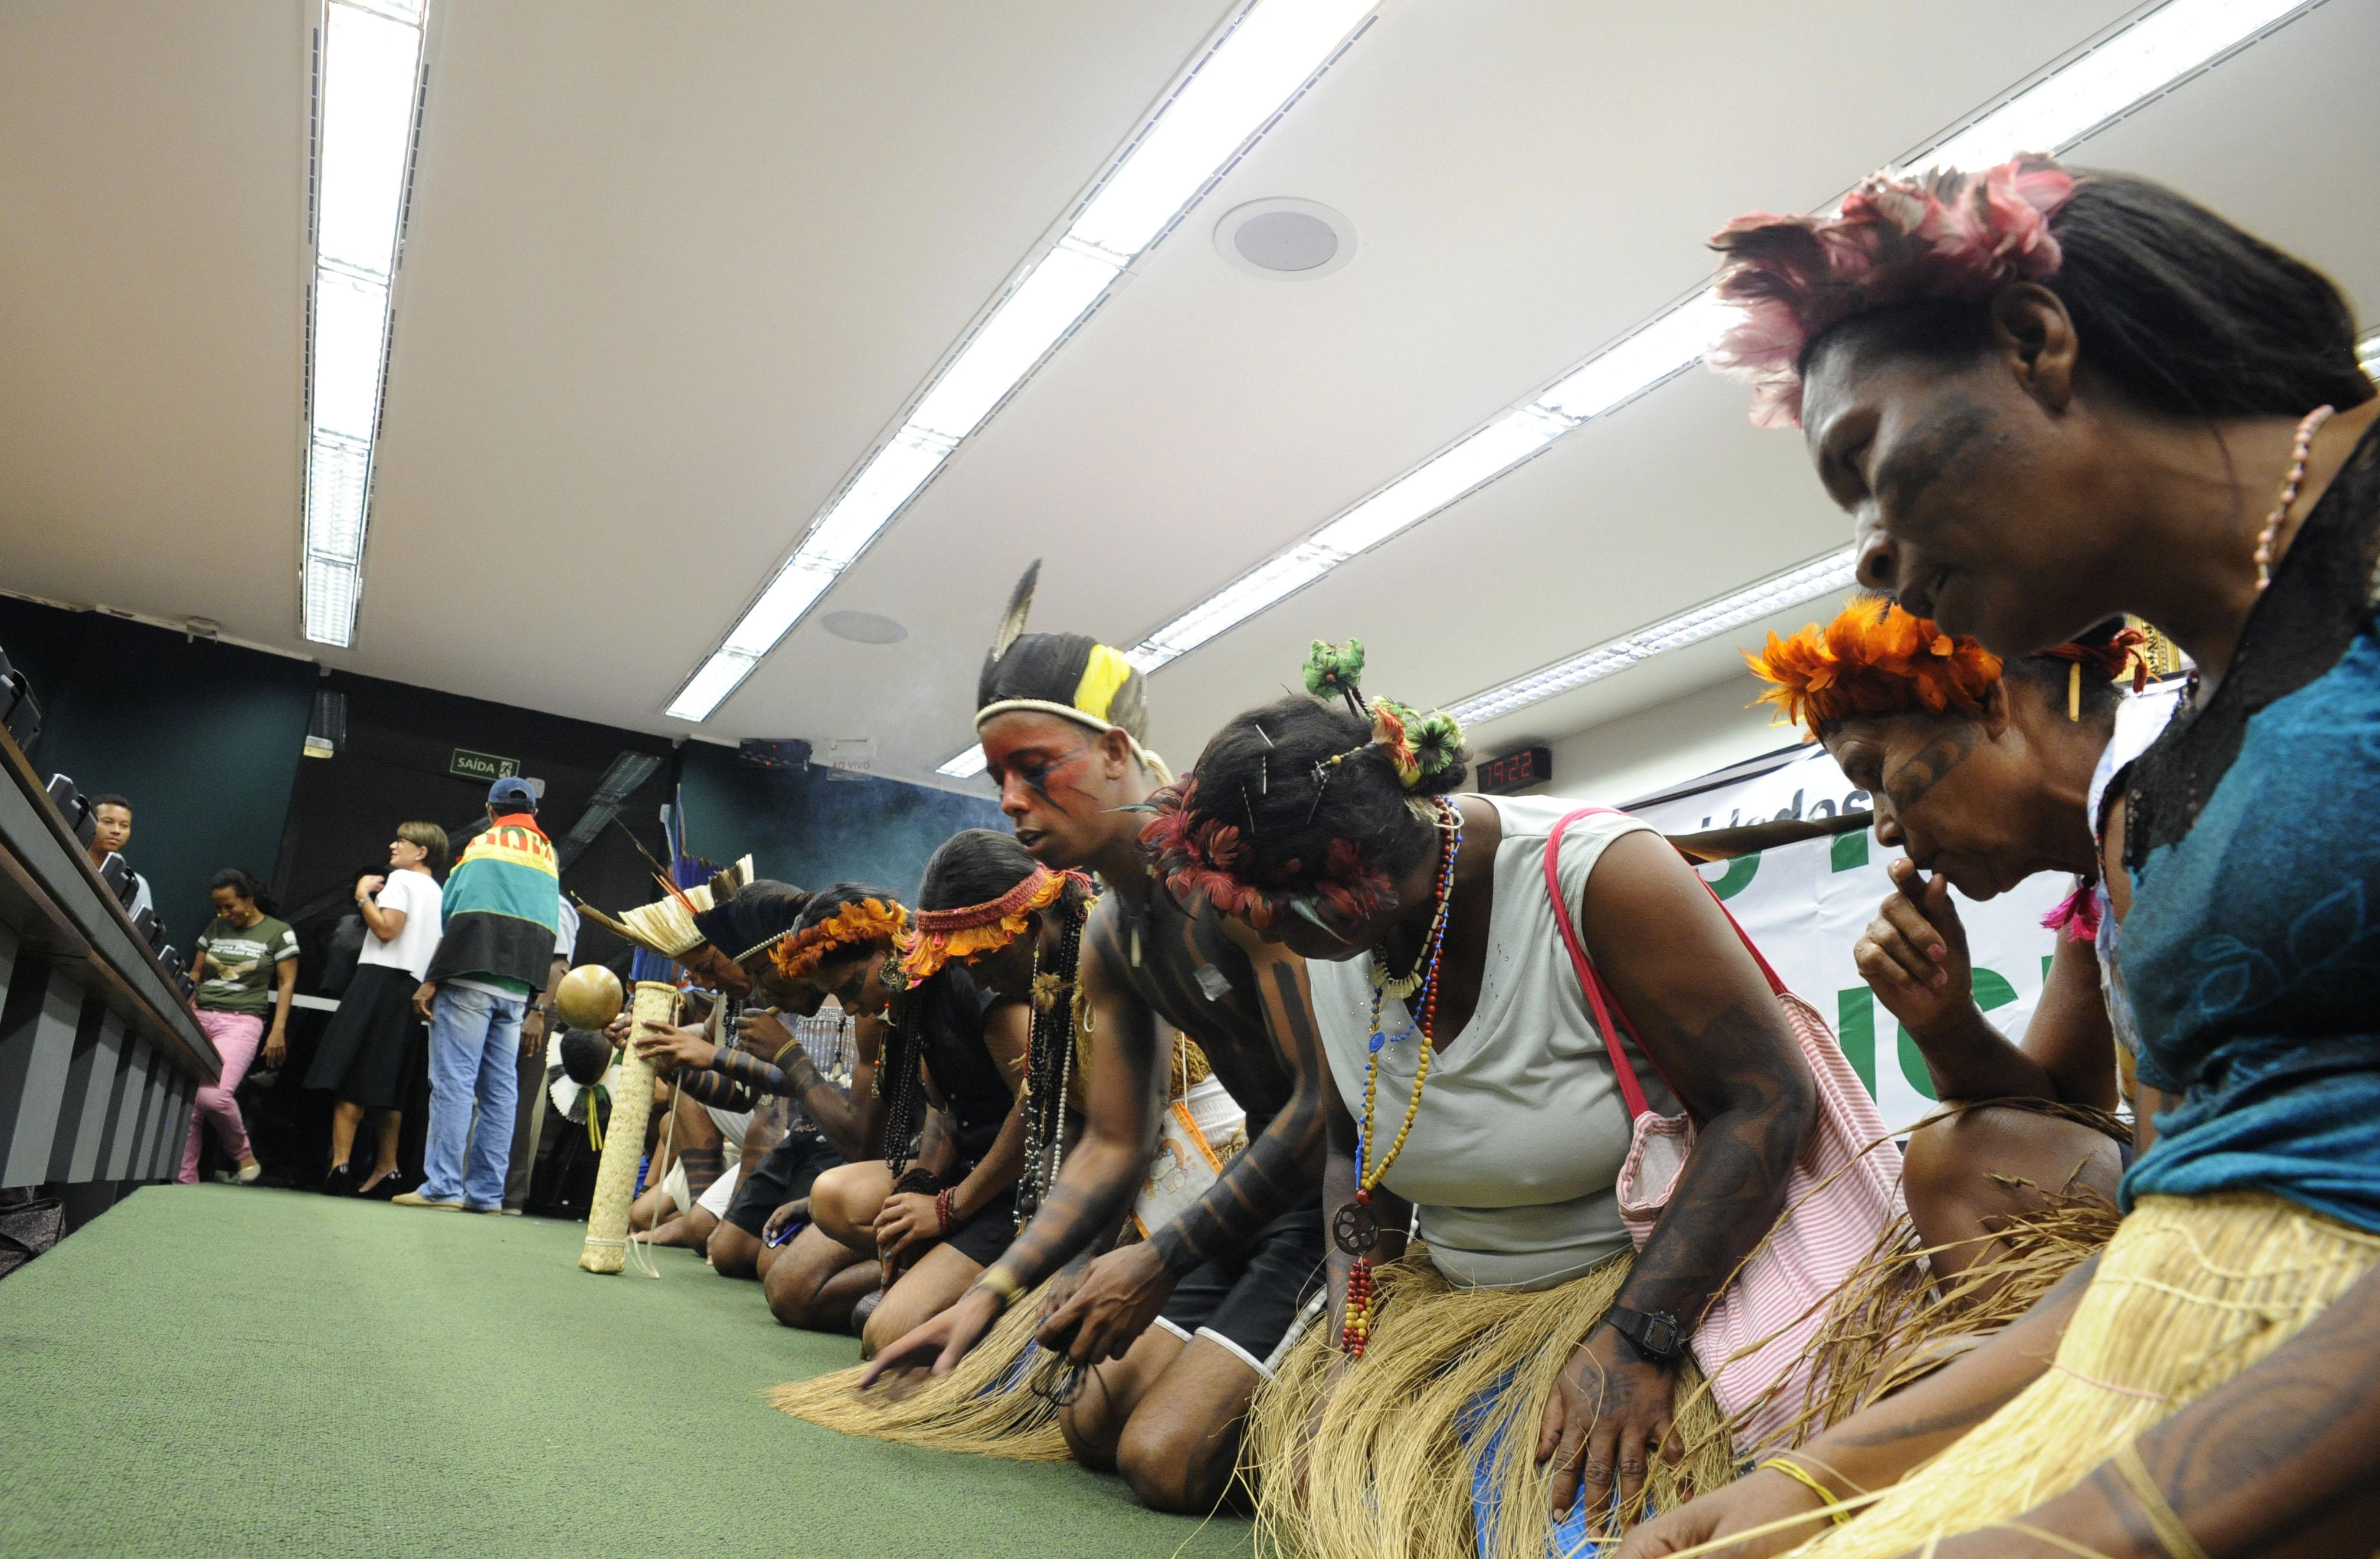 Índios e quilombolas fazem vigília após audiência pública para avaliar a ação de milícias armadas a serviço de proprietários rurais contra trabalhadores, quilombolas e indígenas, no contexto dos conflitos fundiários